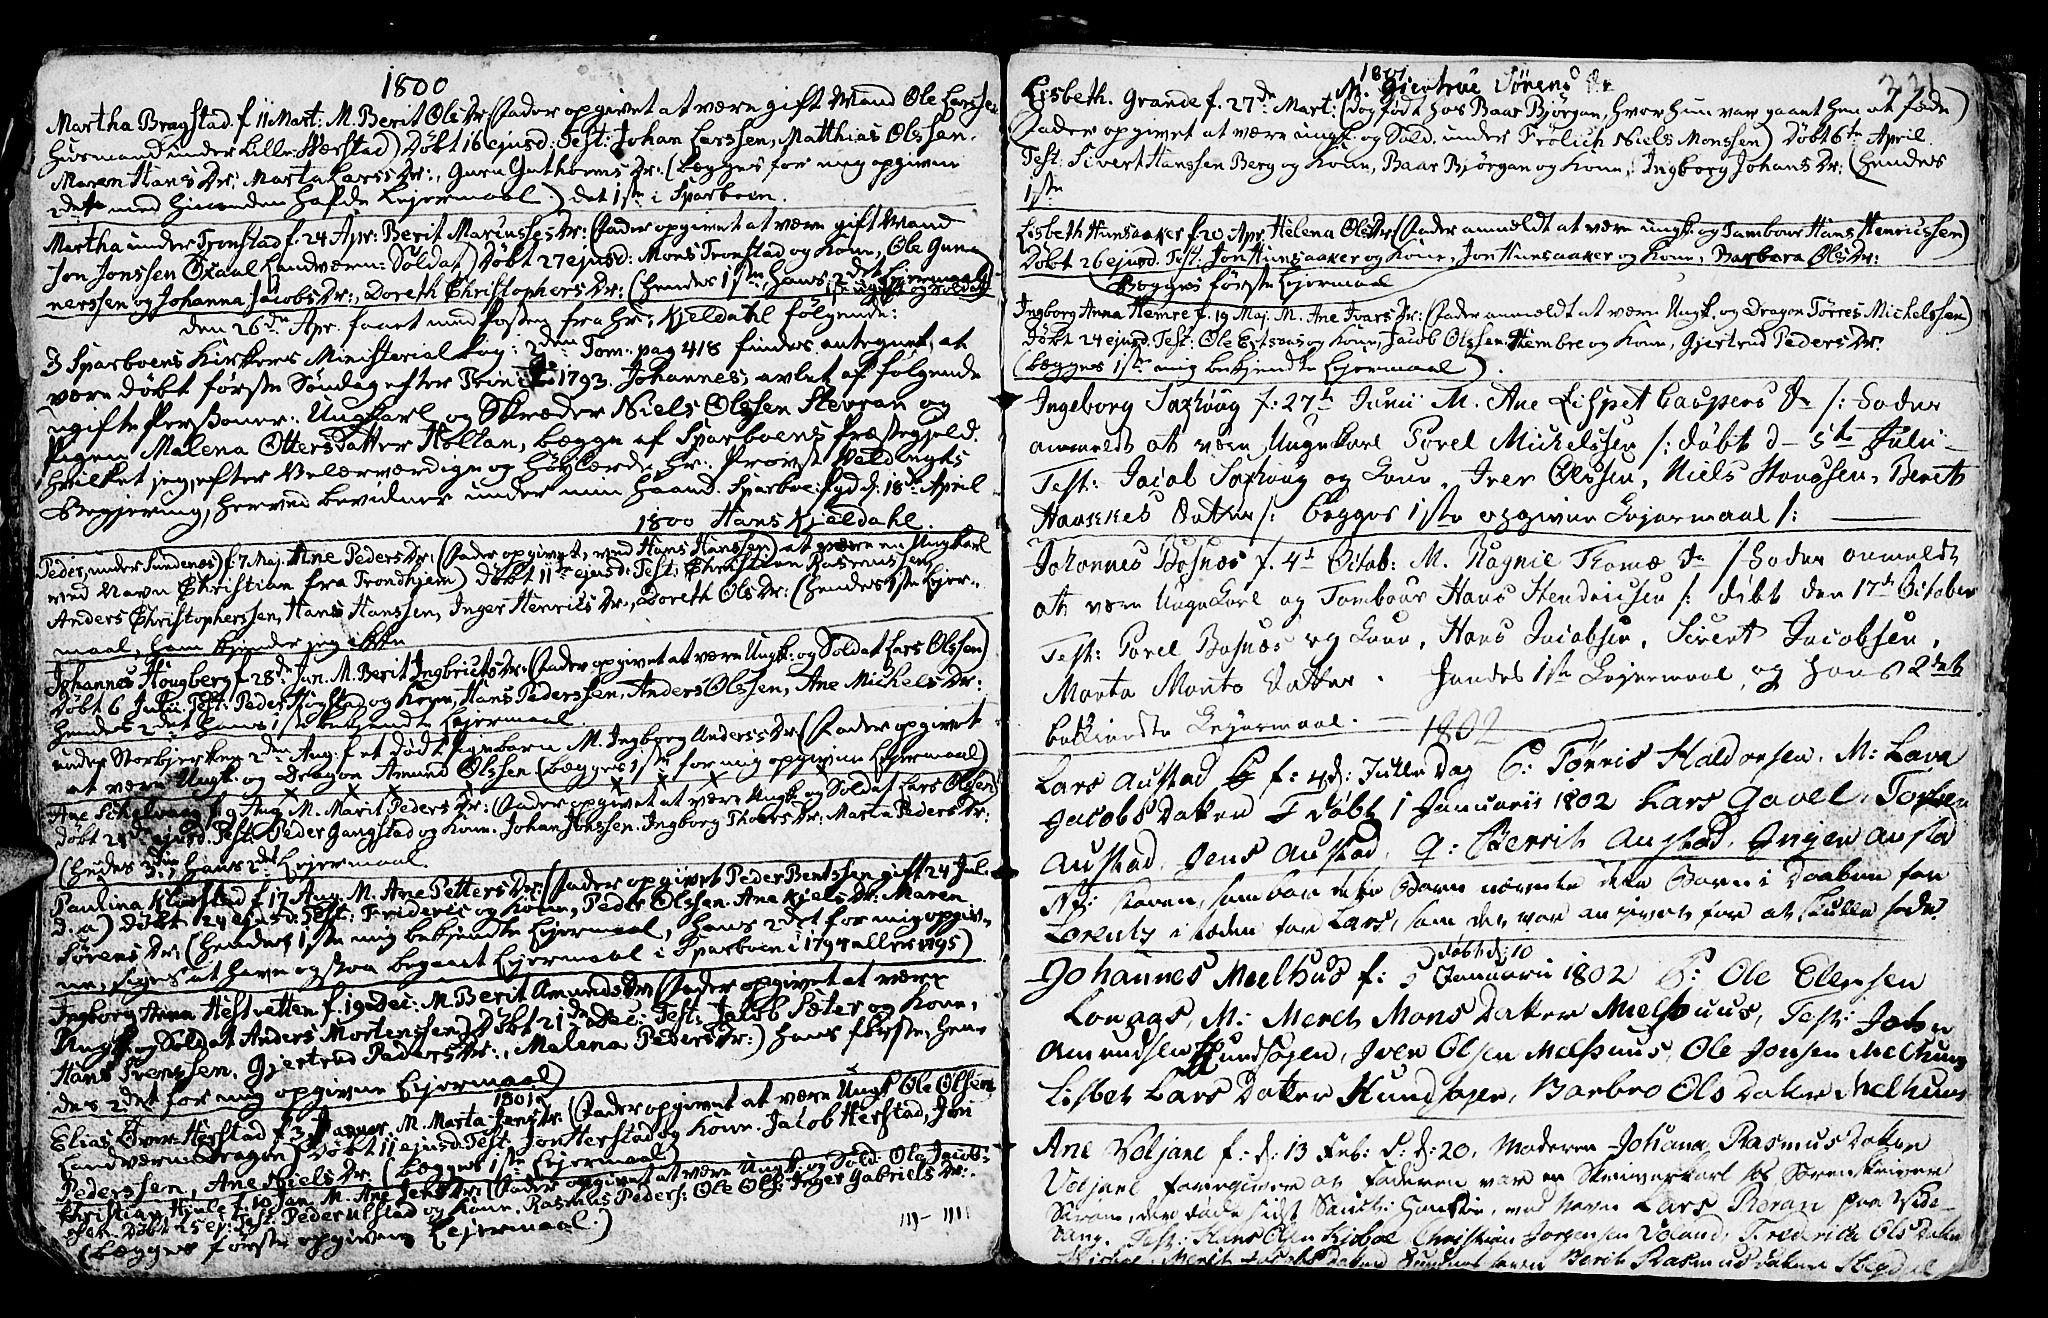 SAT, Ministerialprotokoller, klokkerbøker og fødselsregistre - Nord-Trøndelag, 730/L0273: Ministerialbok nr. 730A02, 1762-1802, s. 221